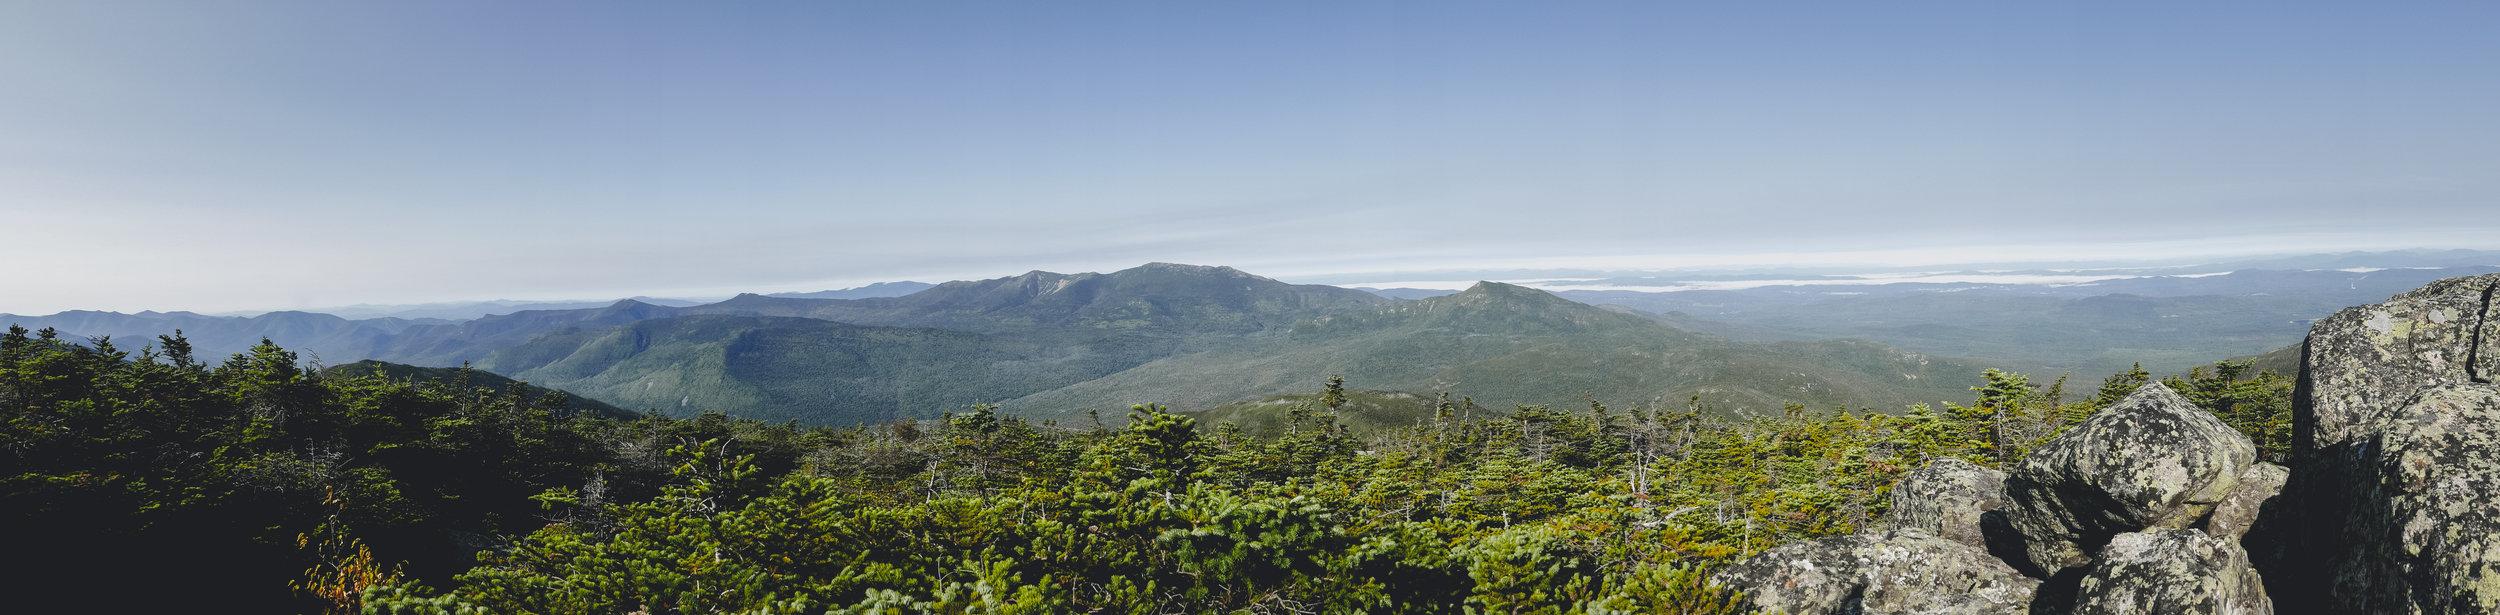 AT-WhiteMtns-Maine-41.jpg